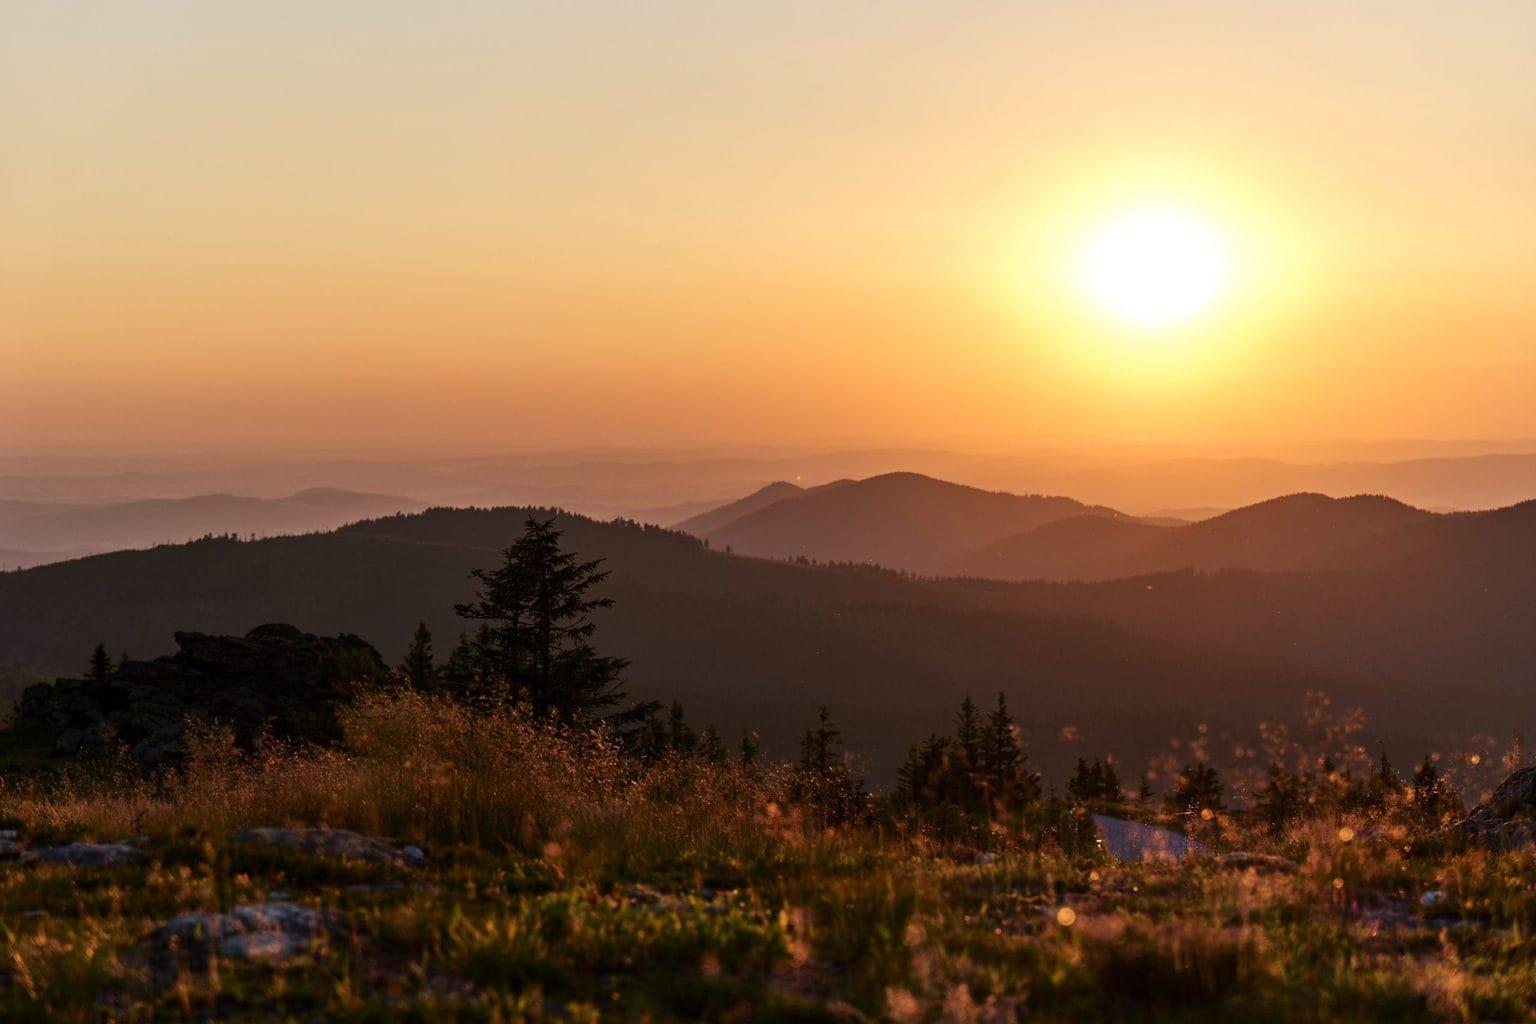 Bergtoppen in het Bayrischer Wald tijdens zonsondergang